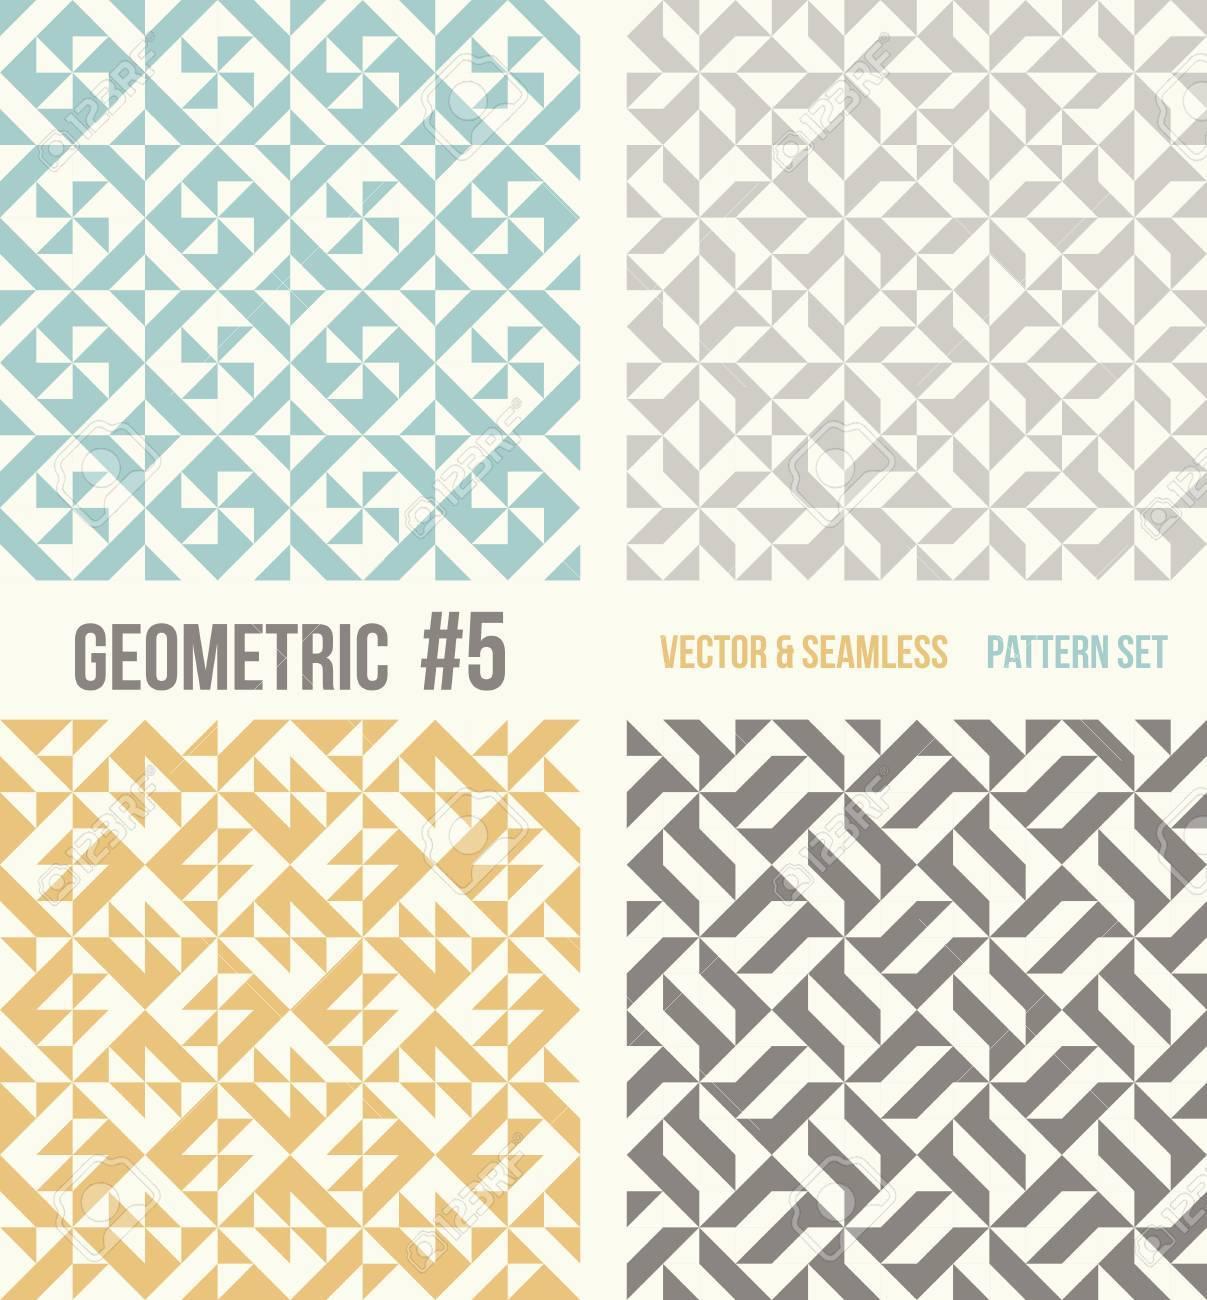 cc004fe32 Conjunto de cuatro patrones geométricos. Colección de diferentes modelos  abstractos, número 5. trullo, amarillo y gris, fondos de color gris ...